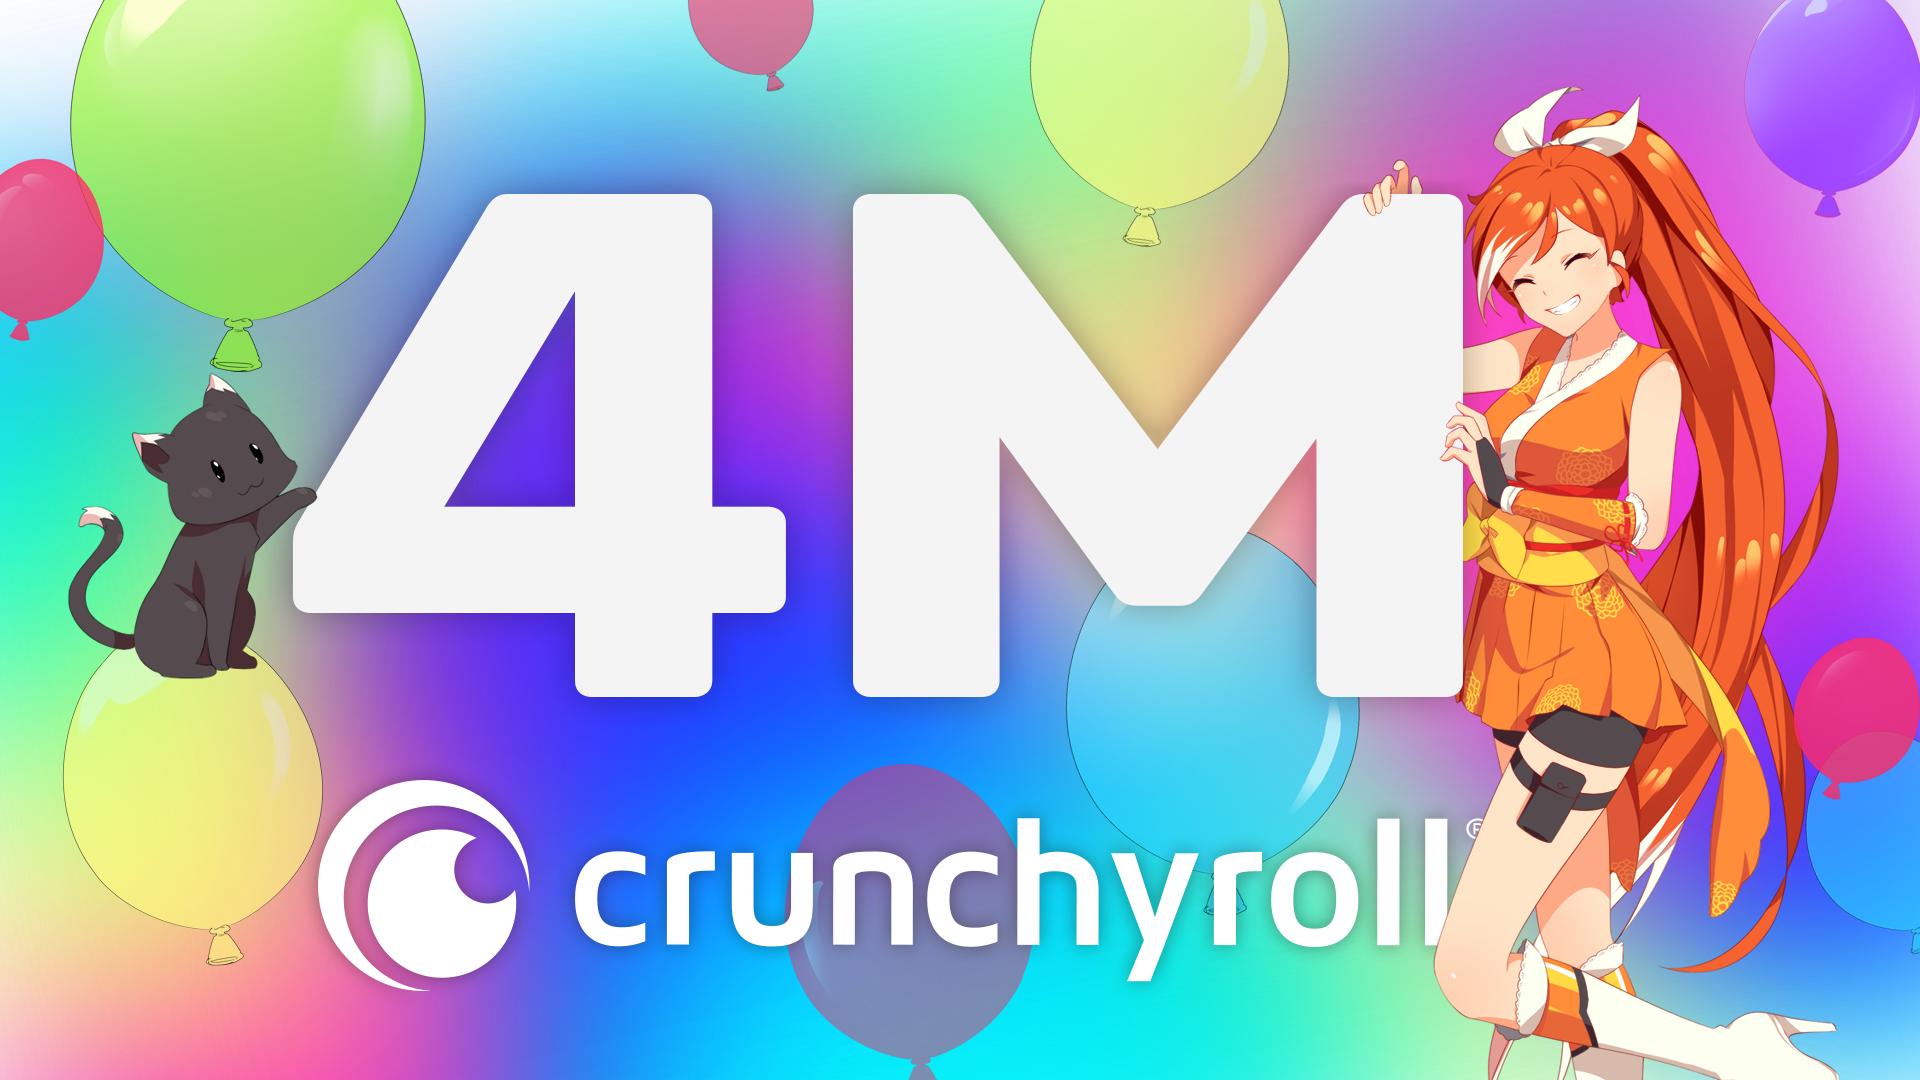 Crunchyroll llega a cuatro millones de suscriptores